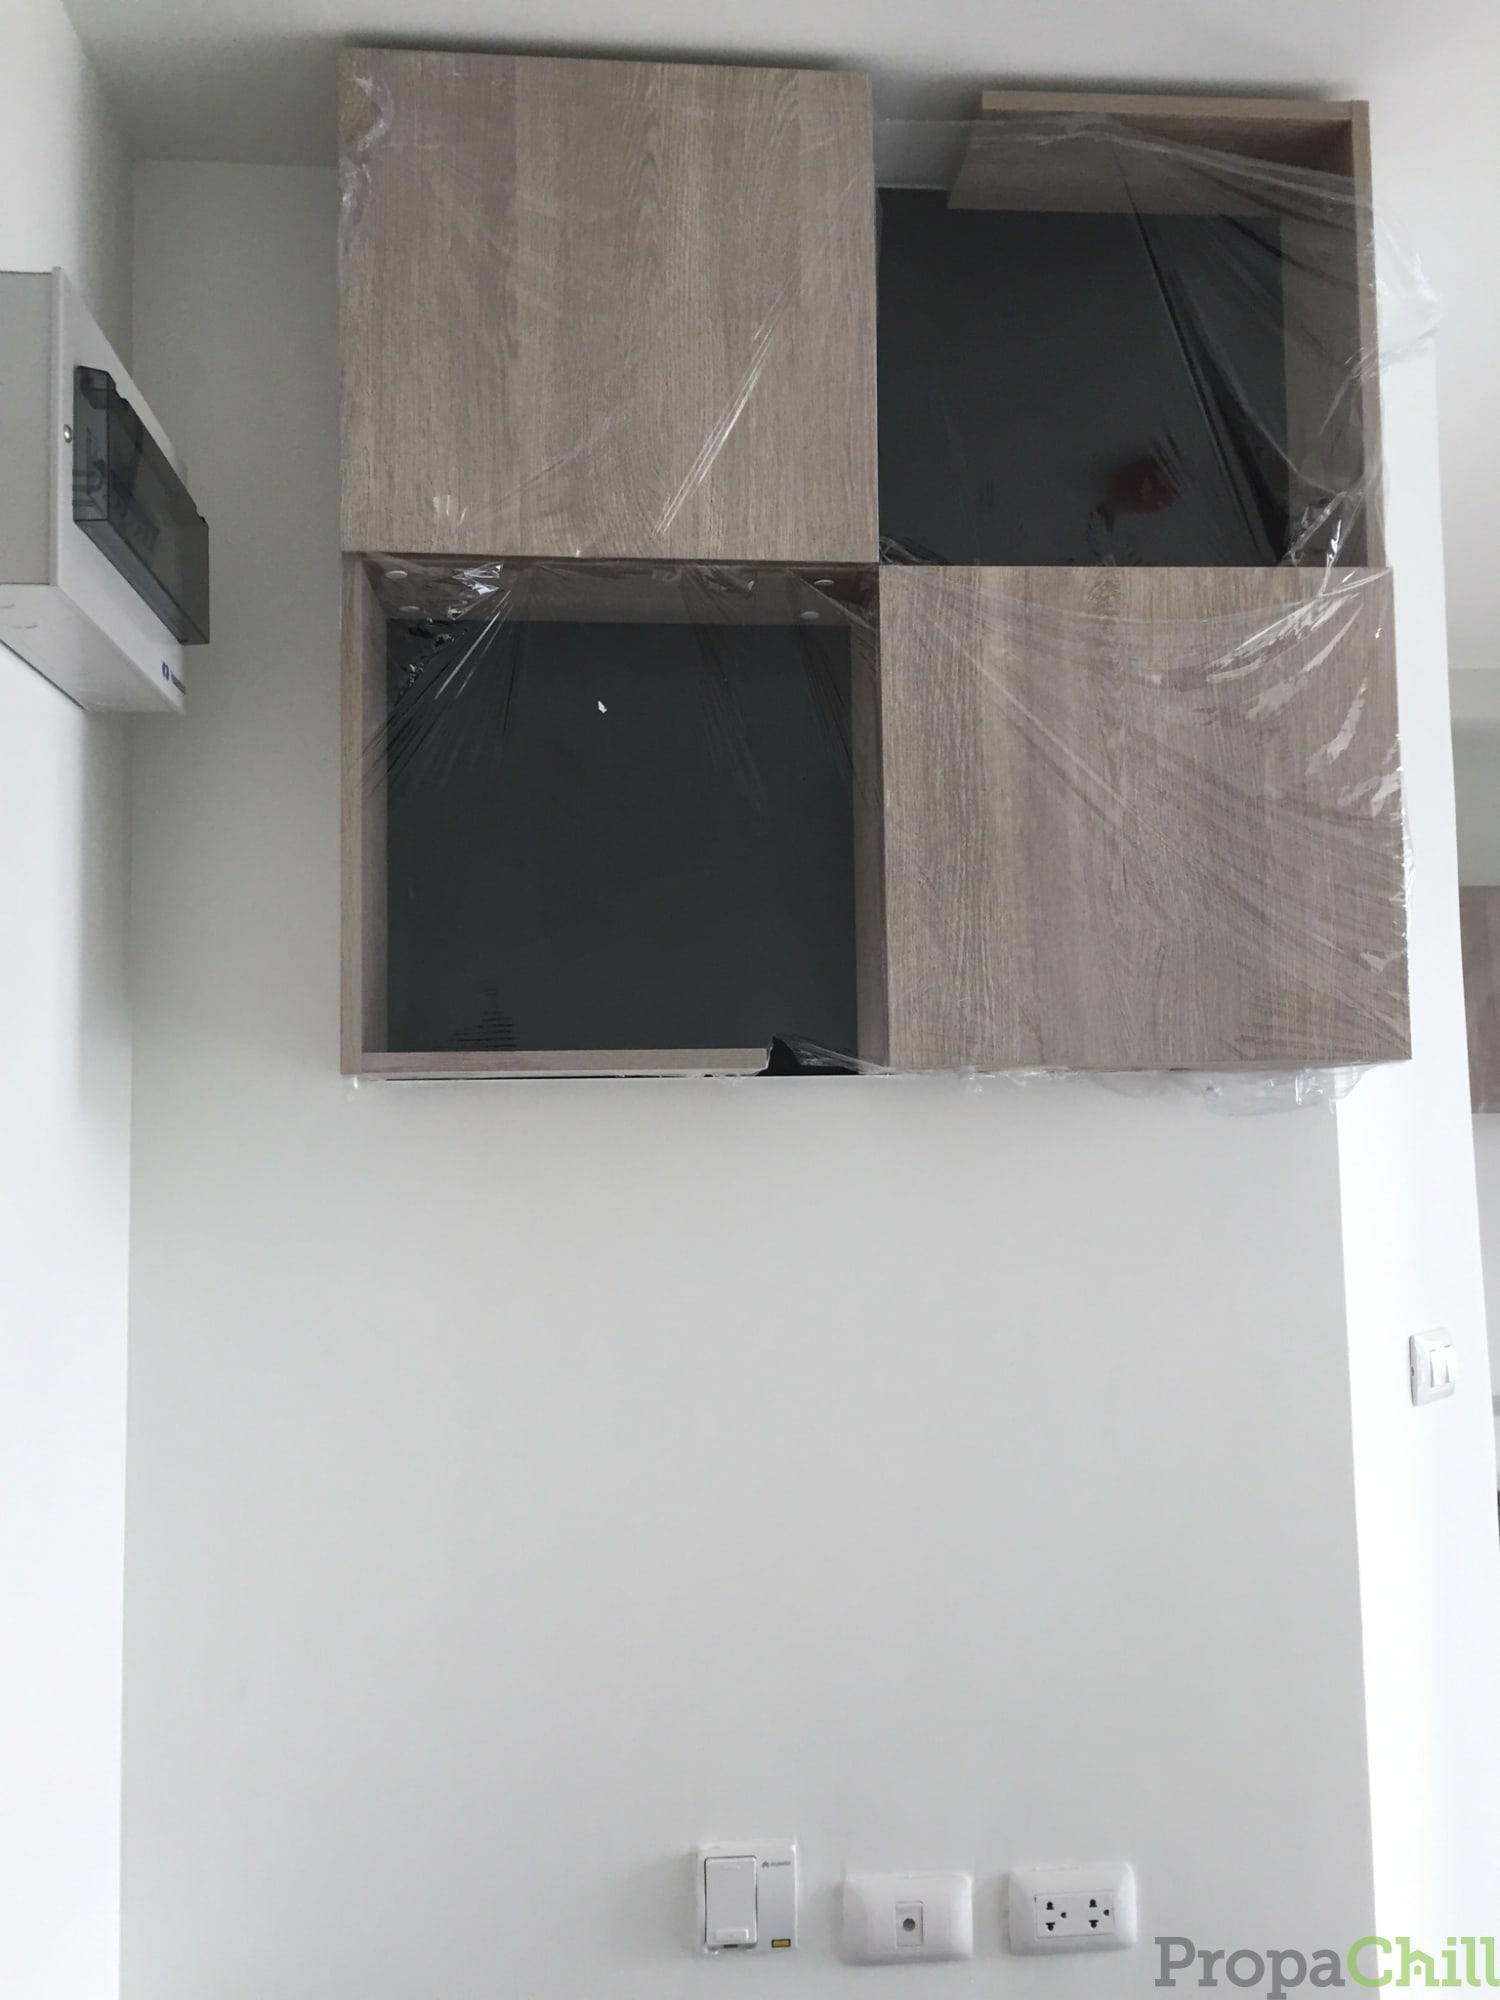 ขาย/ให้เช่า ดิเอ็กเซลกรูฟลาซาล5 ชั้น5ตึกA สนใจ0636296465